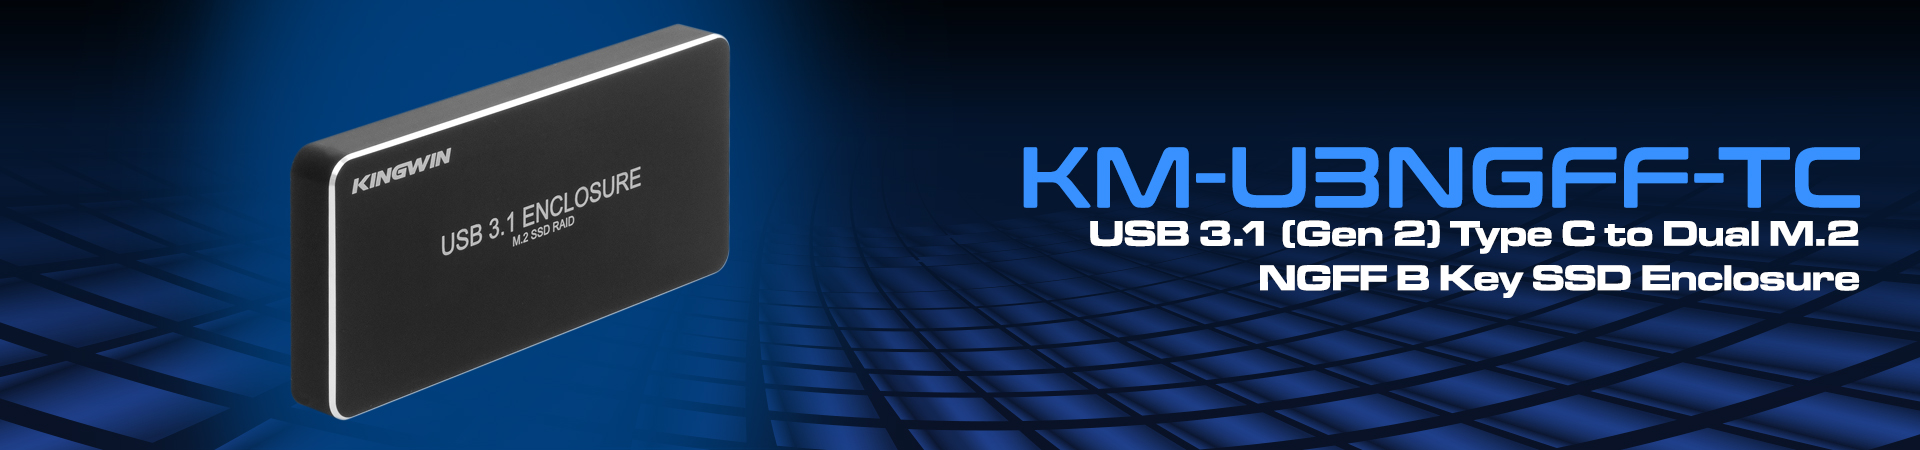 KM-U3NGFF-TC_BANNER2